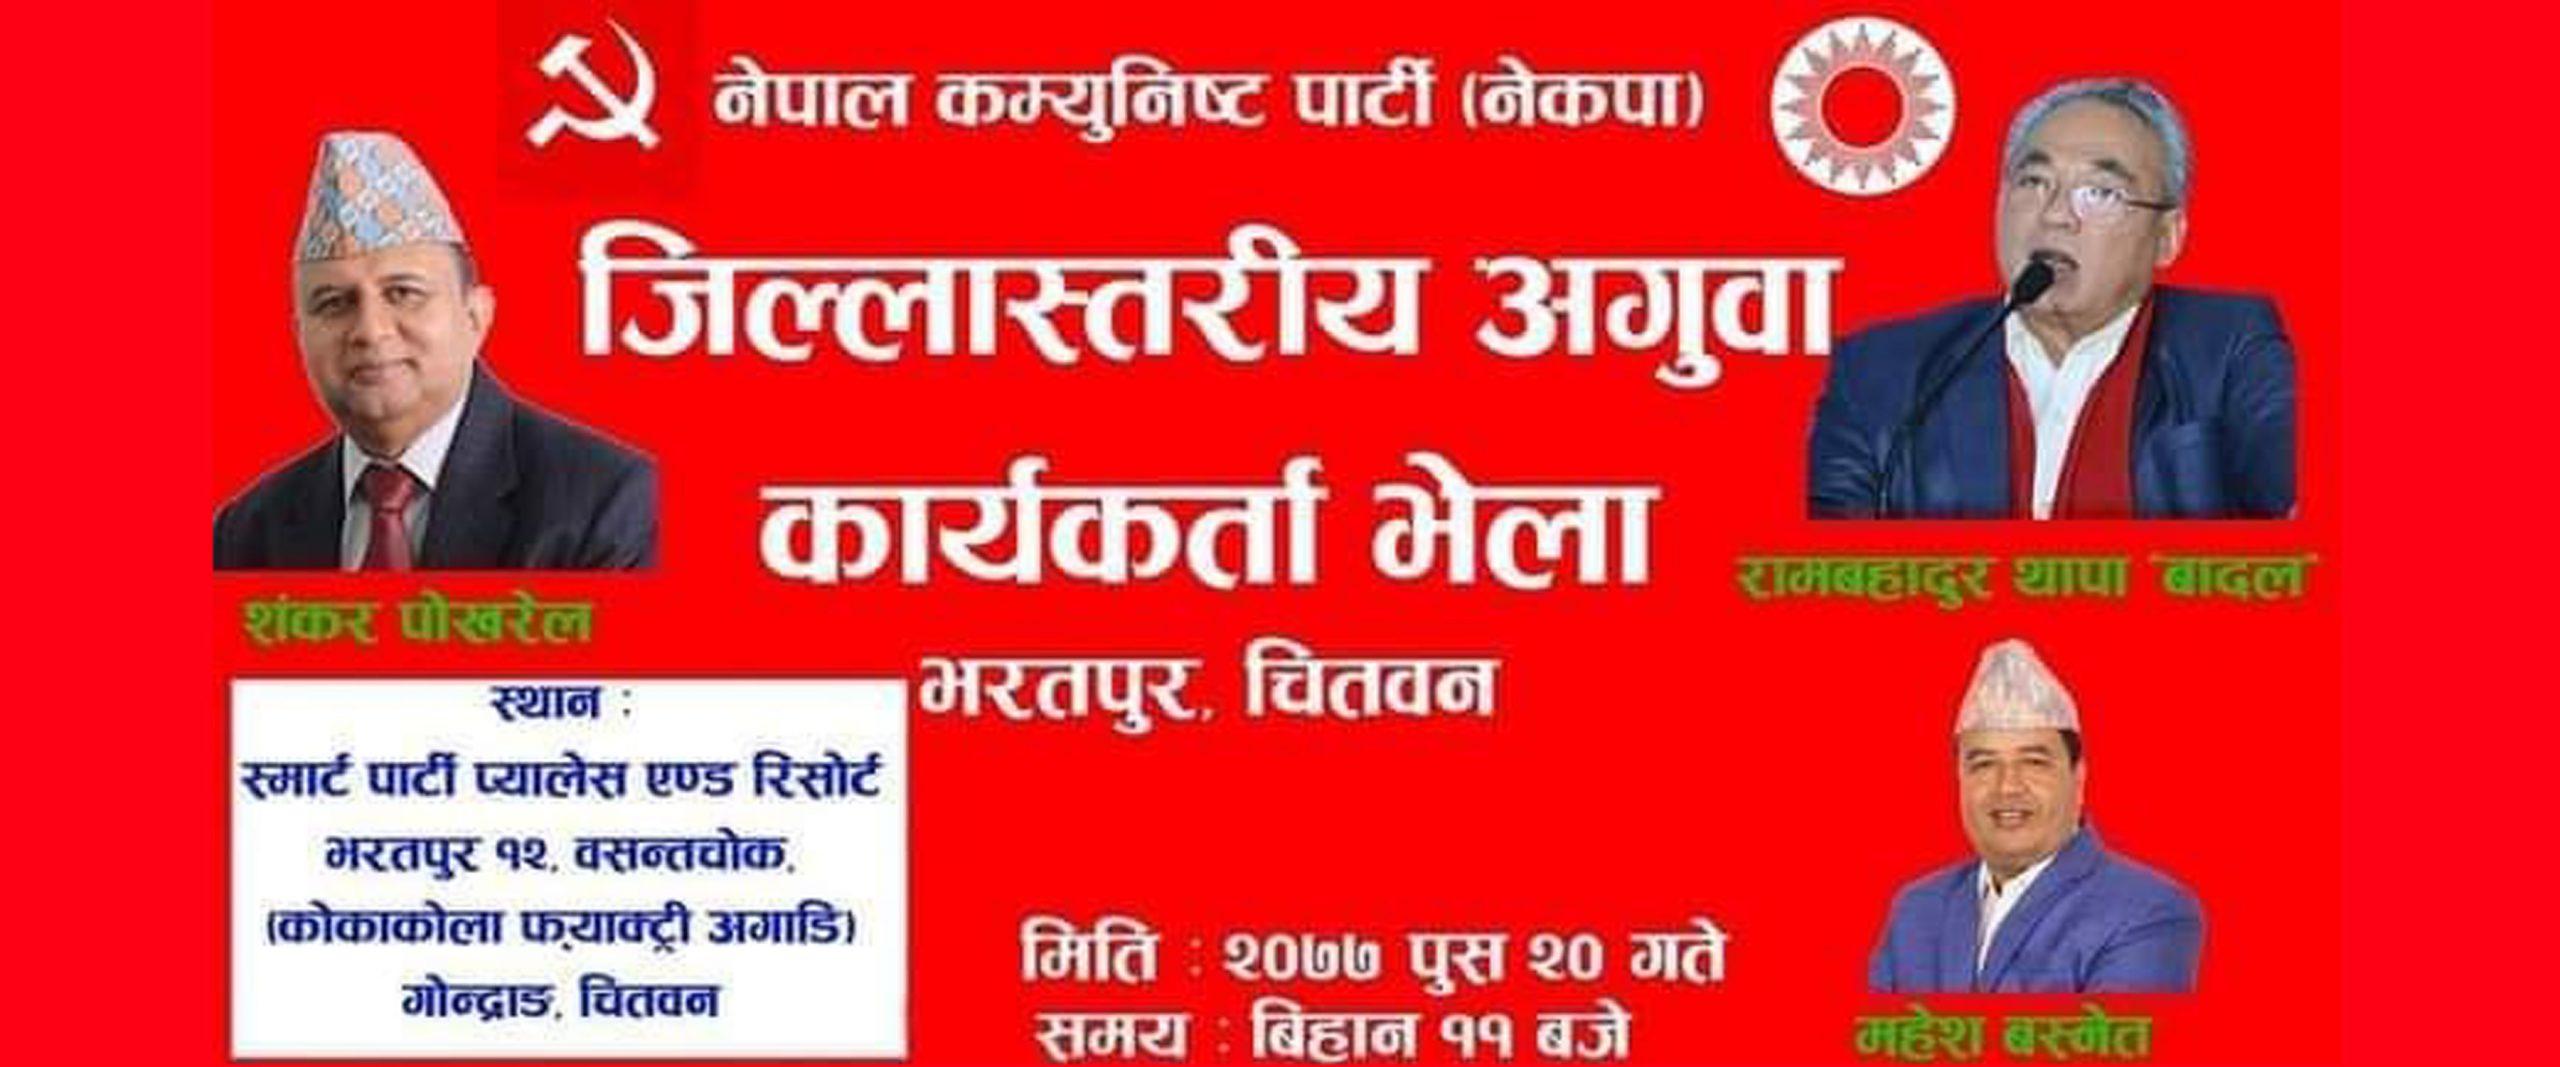 भरतपुरमा आज नेकपाको अगुवा कार्यकर्ता भेला हुदै